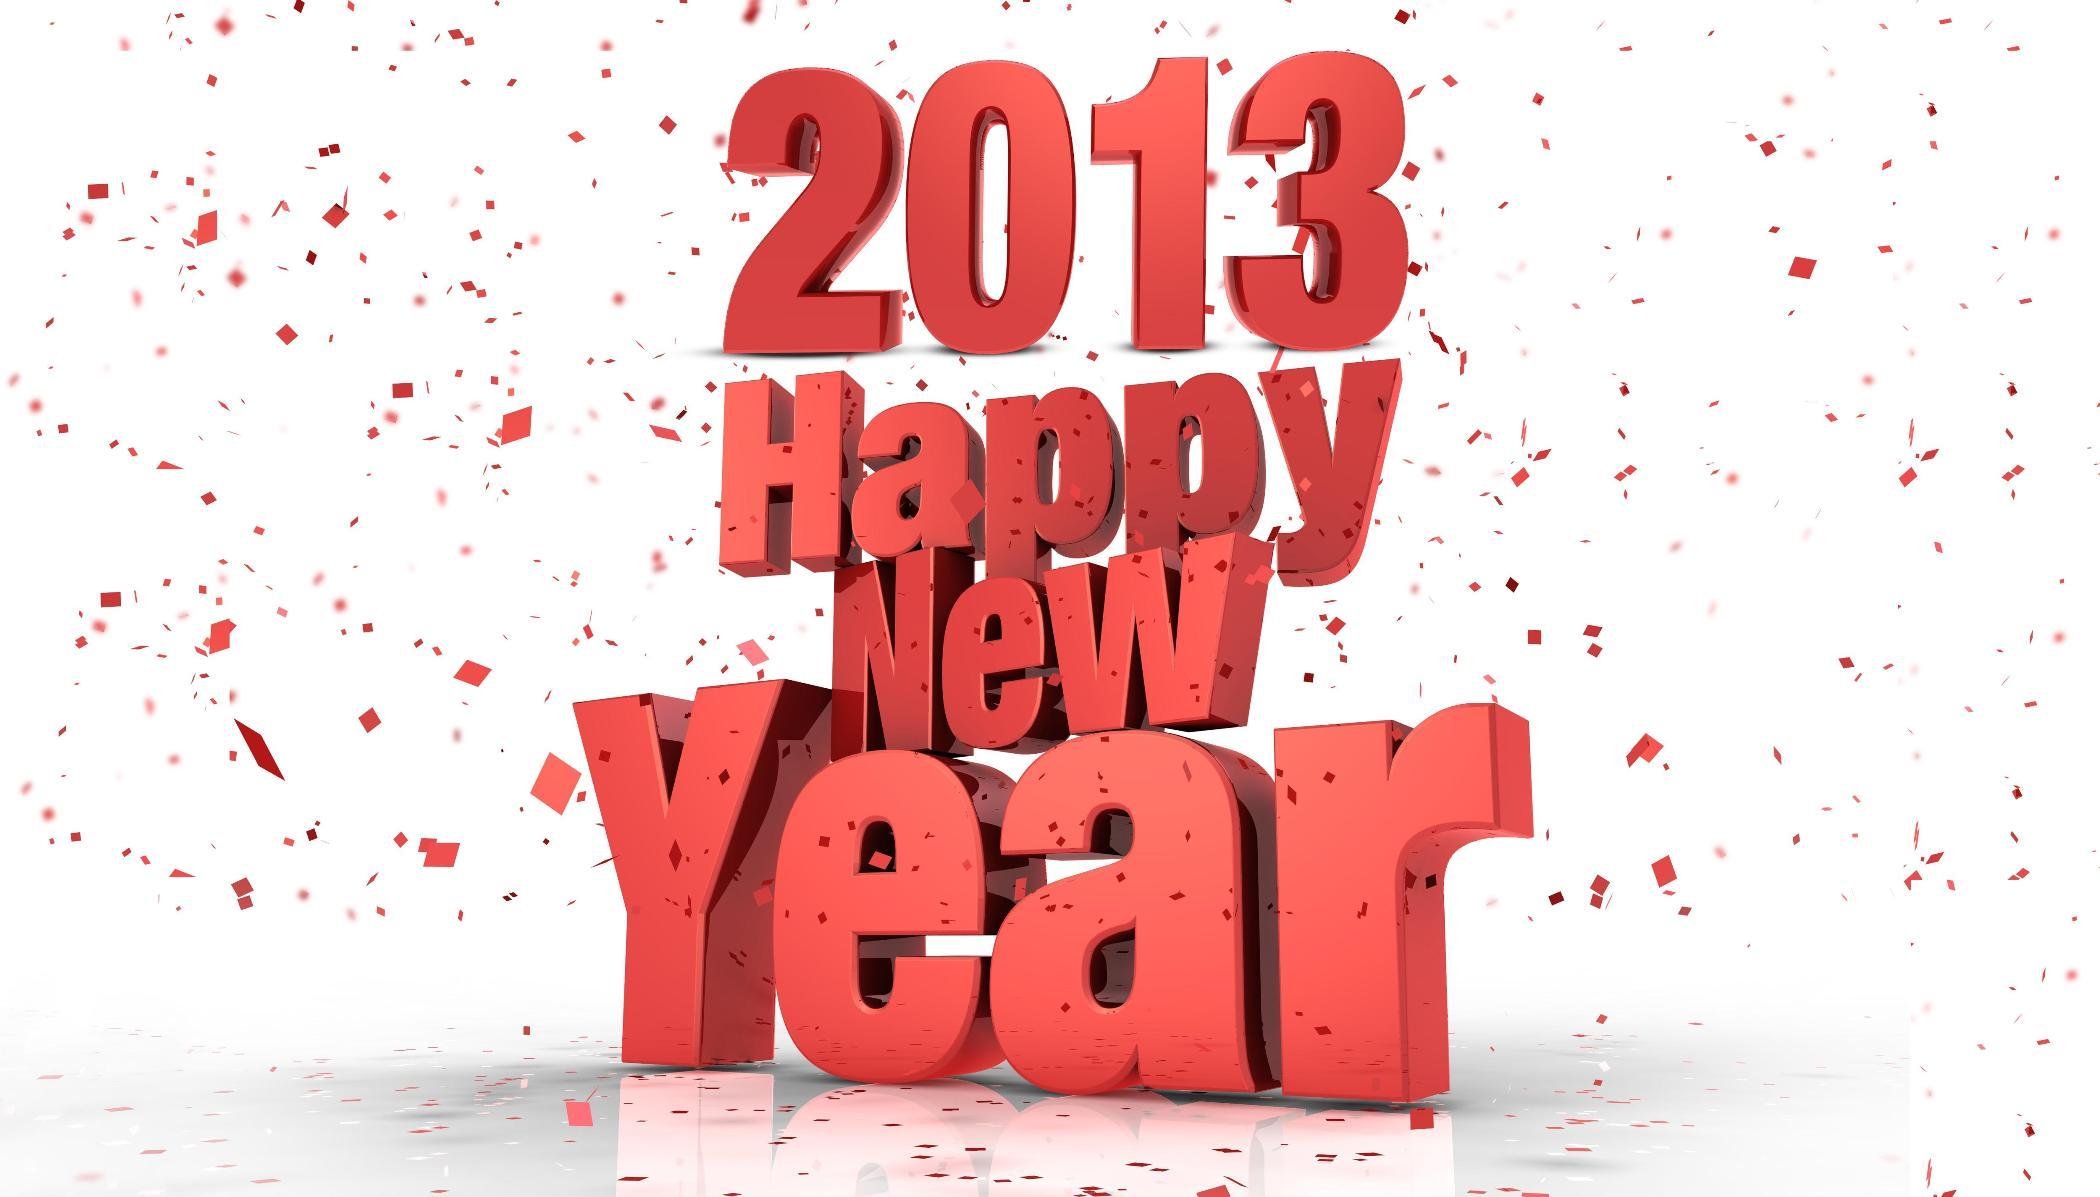 happy new year 2013 -#main